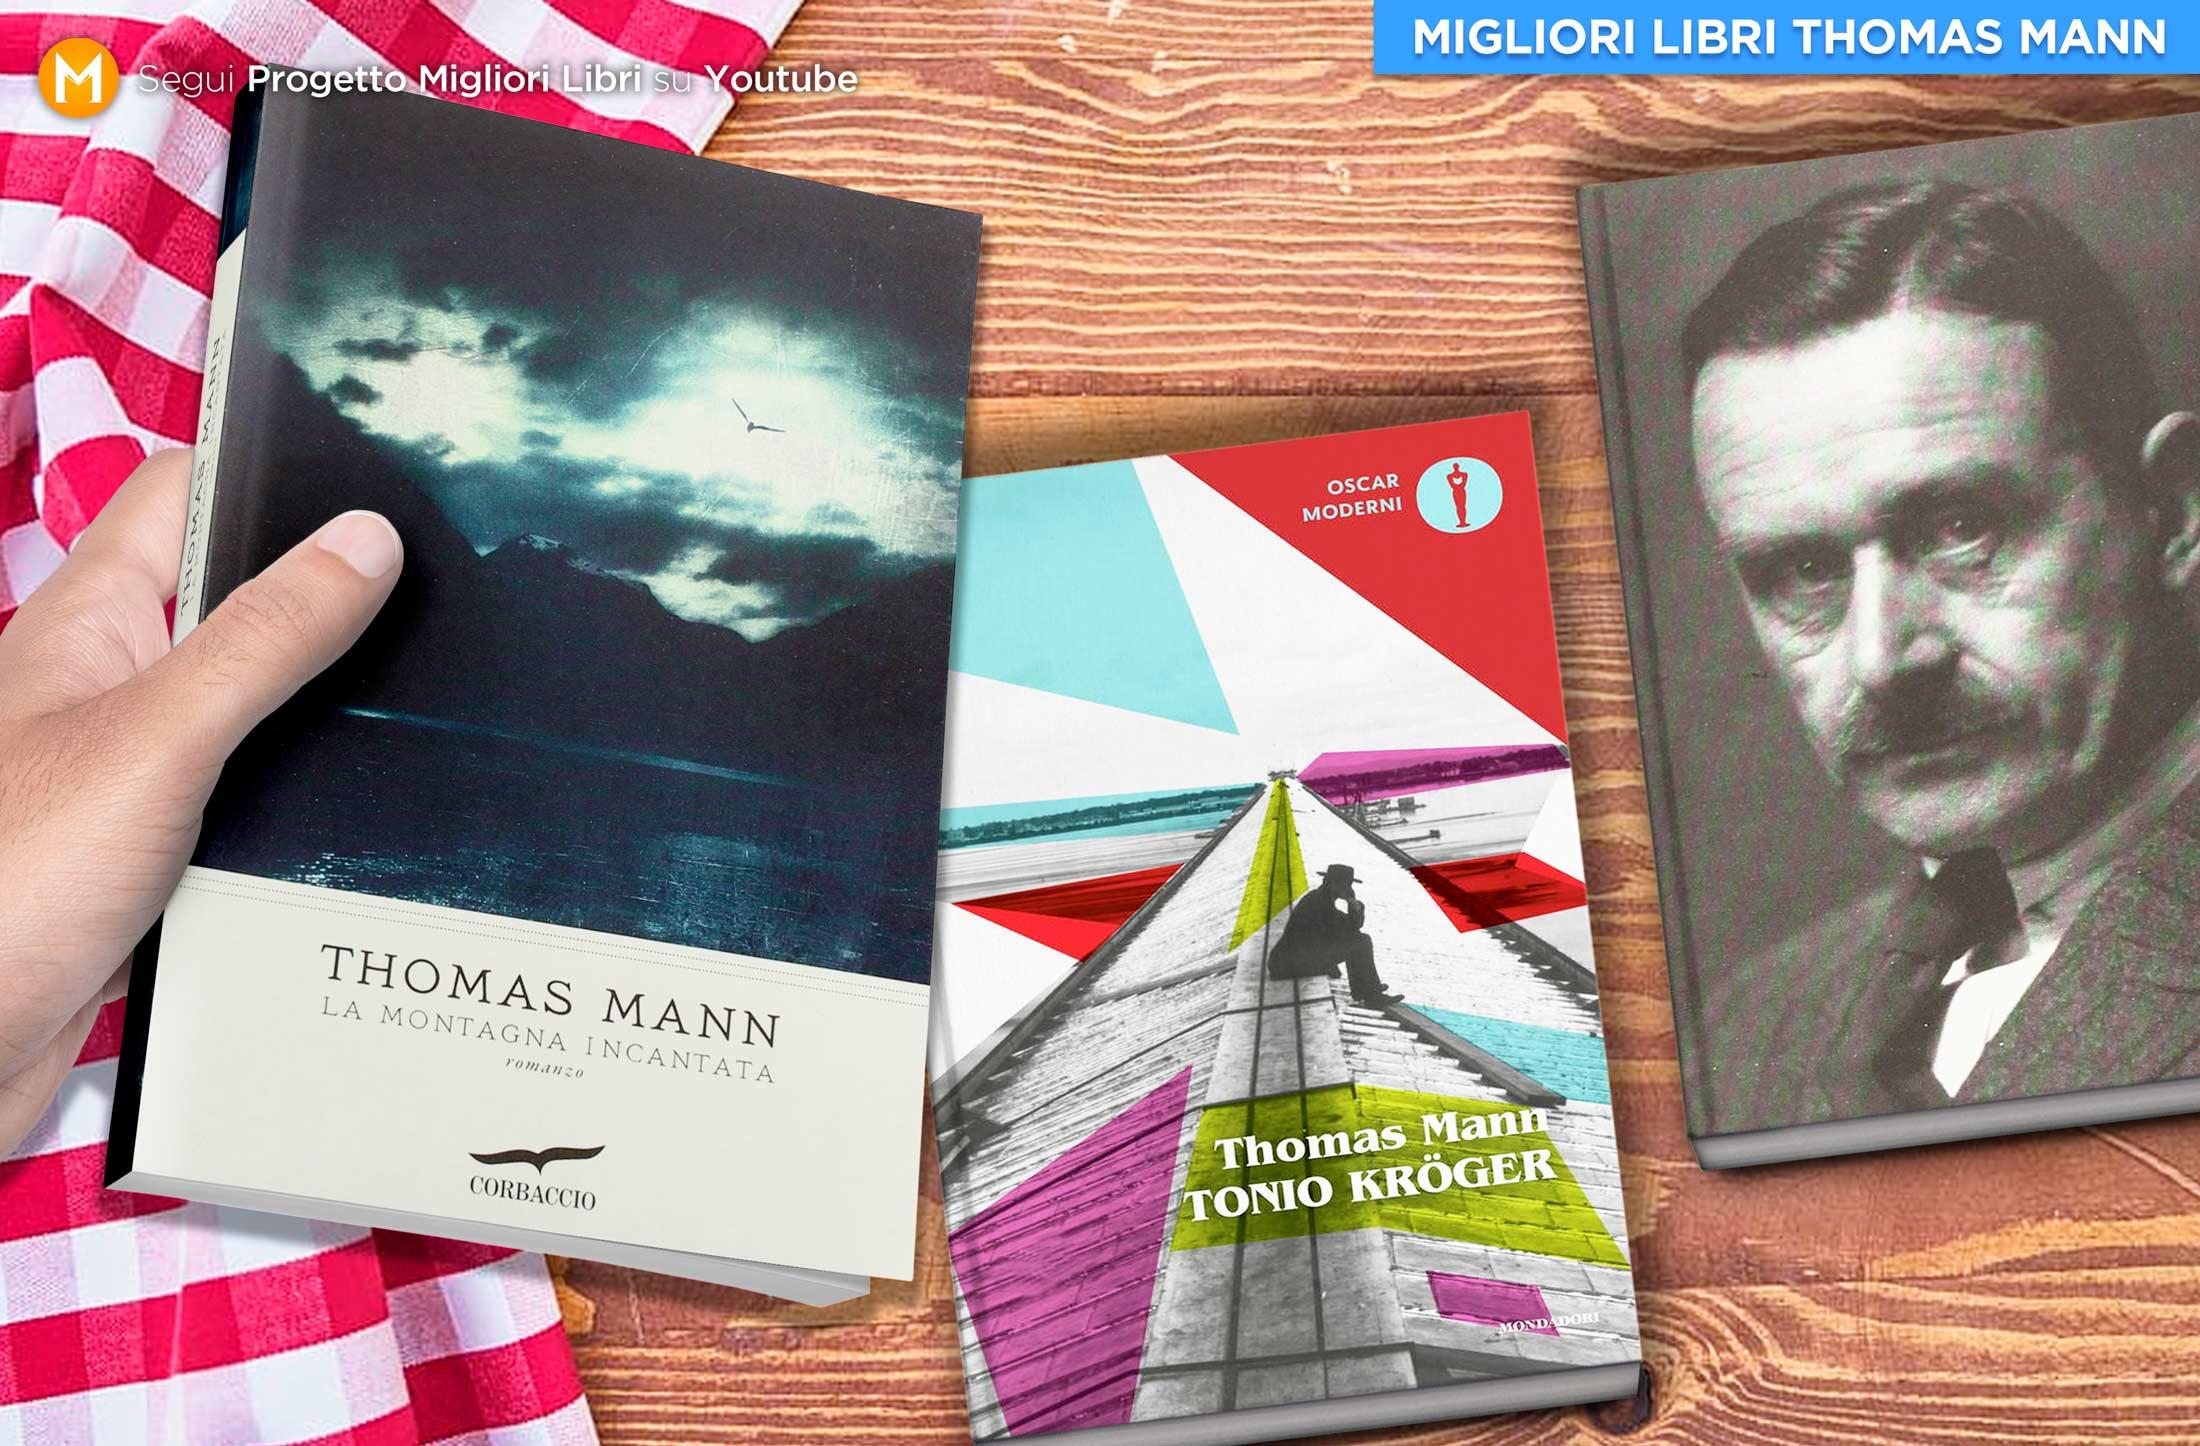 migliori-libri-thomas-mann